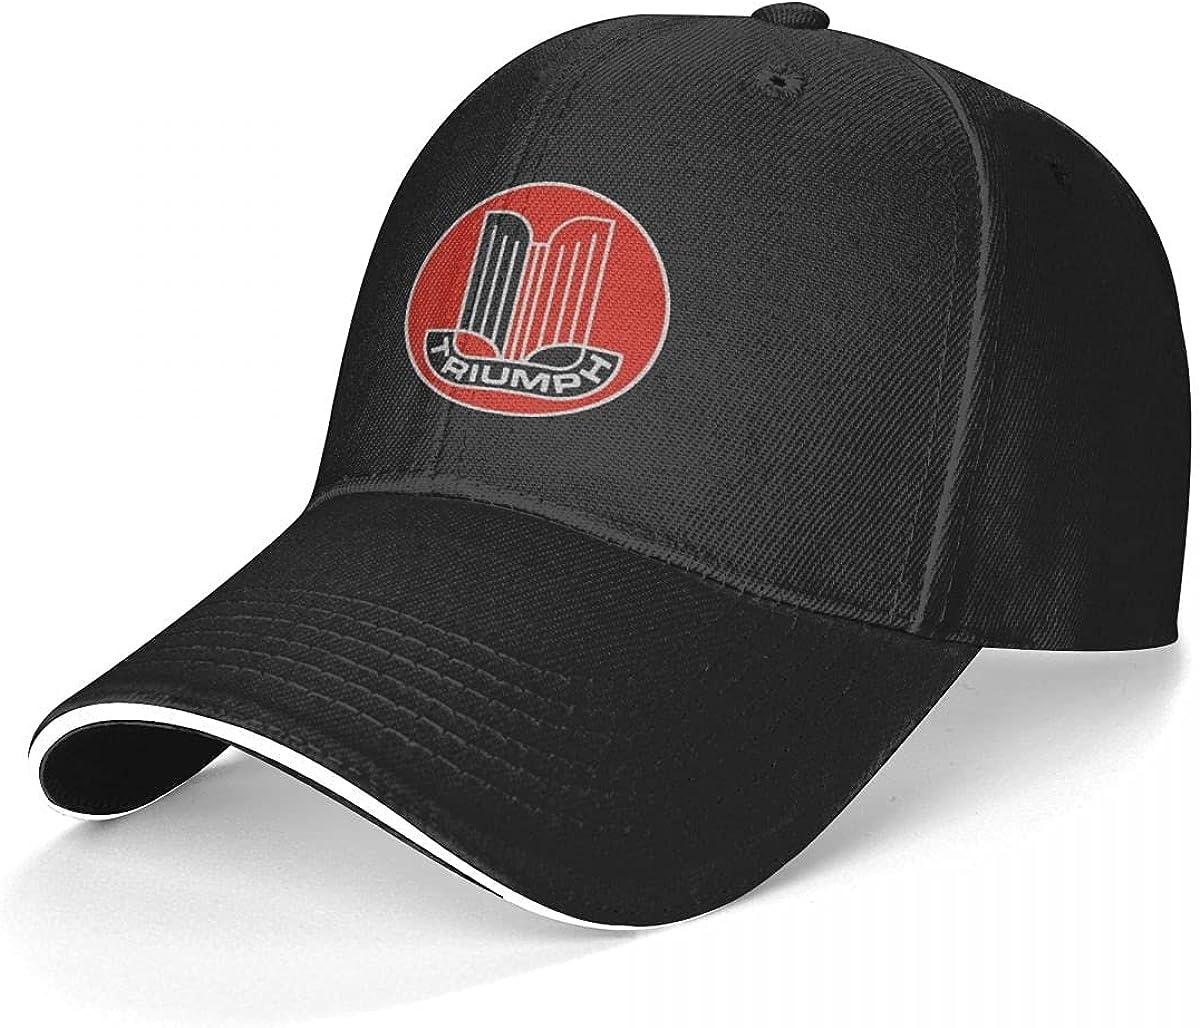 Triumph Spitfire Logo Baseball Cap, Dad Cap, Truck Driver Cap, Classic Adjustable.